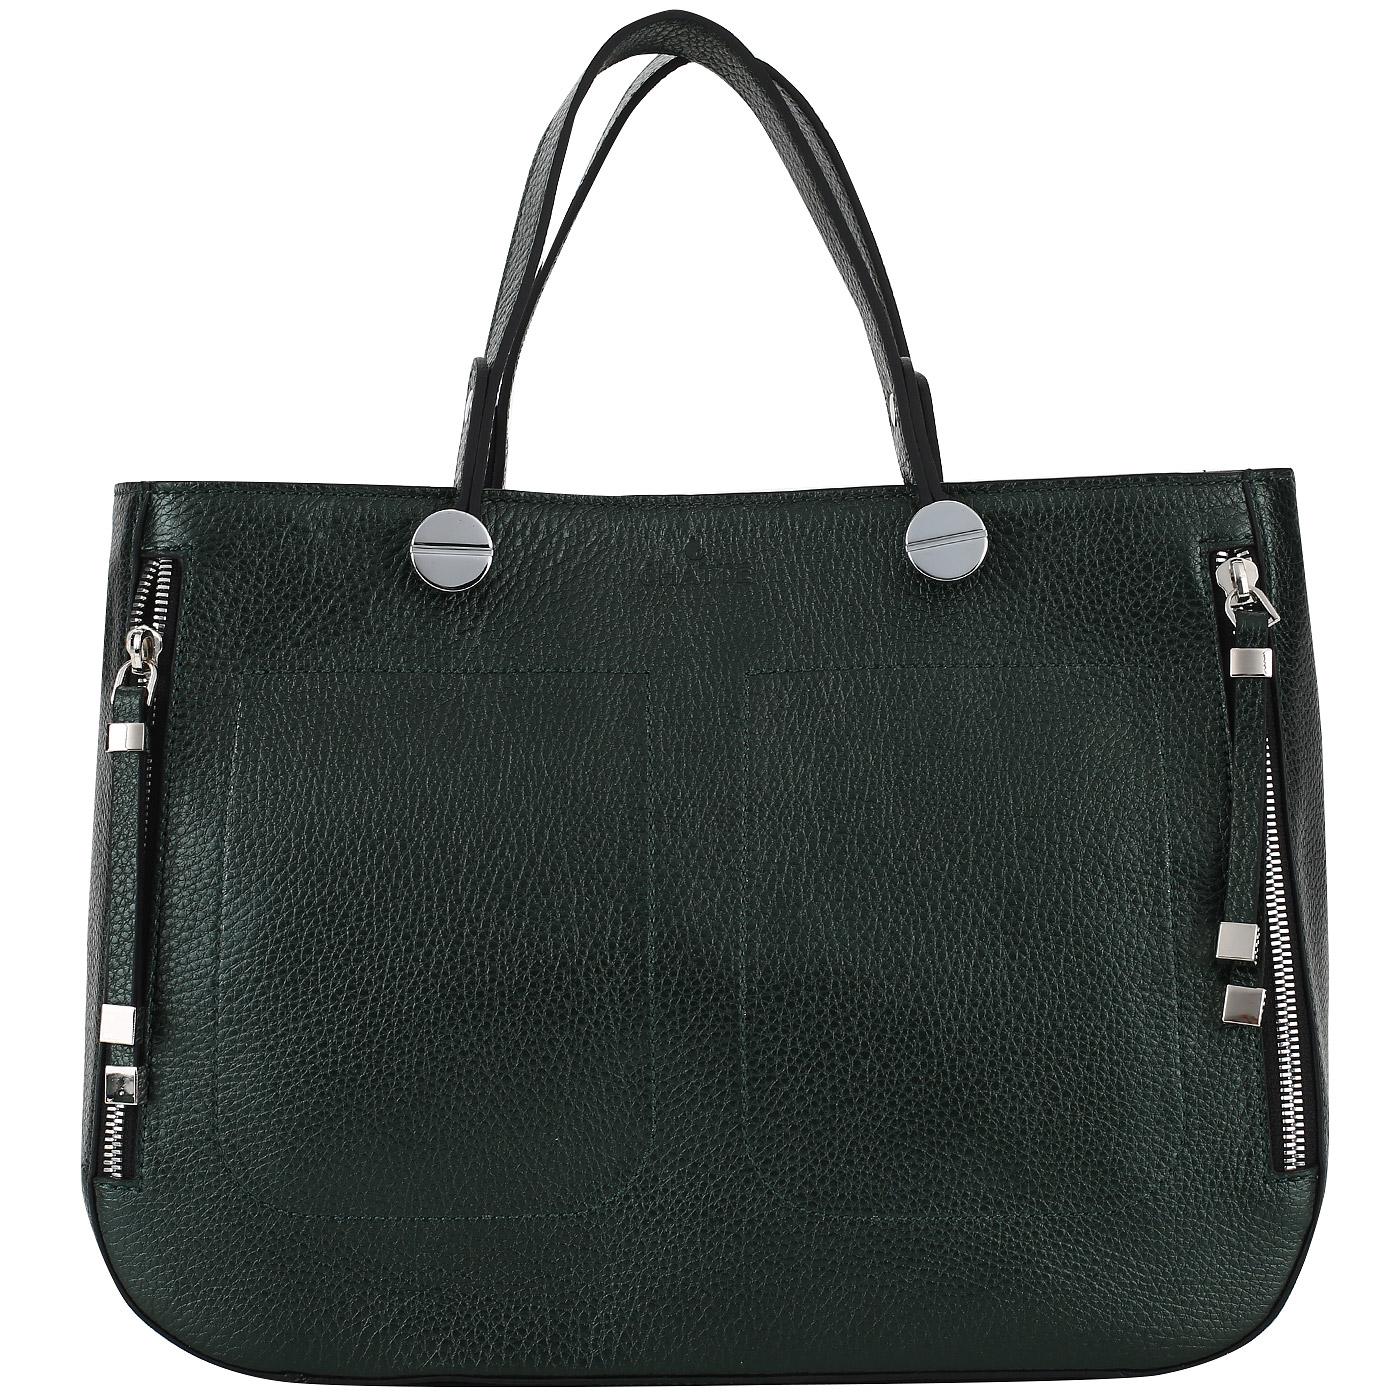 be82806e646b Зеленая кожаная сумка на молнии Chatte Зеленая кожаная сумка на молнии  Chatte ...